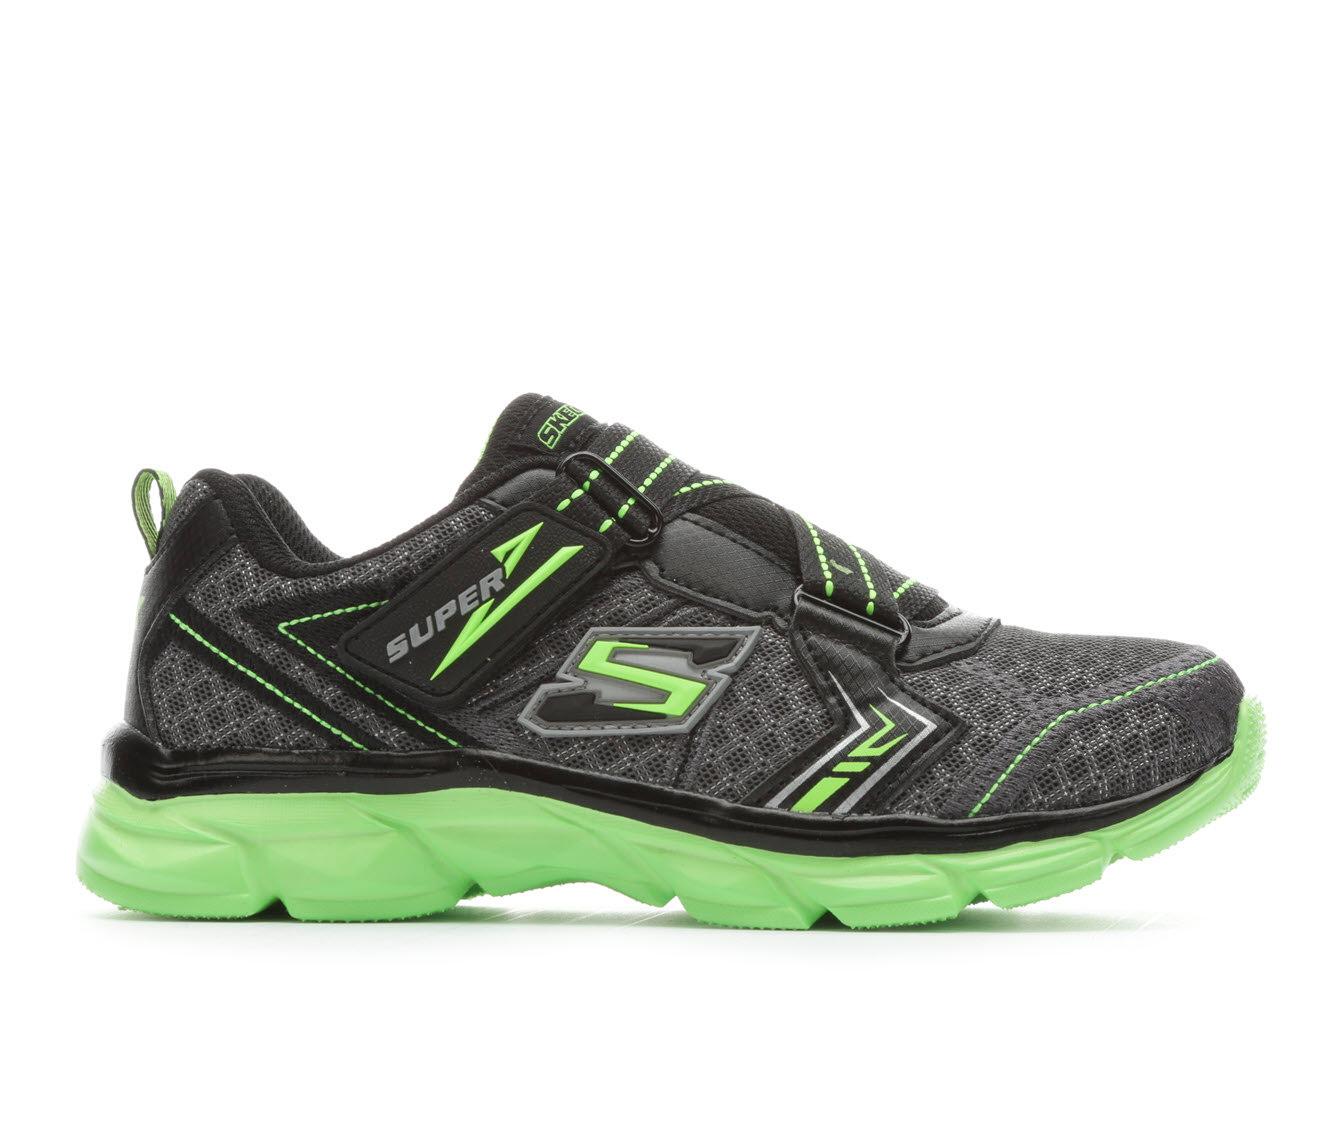 Boys' Skechers Advance Wide- Power Tread Sneakers (Grey)